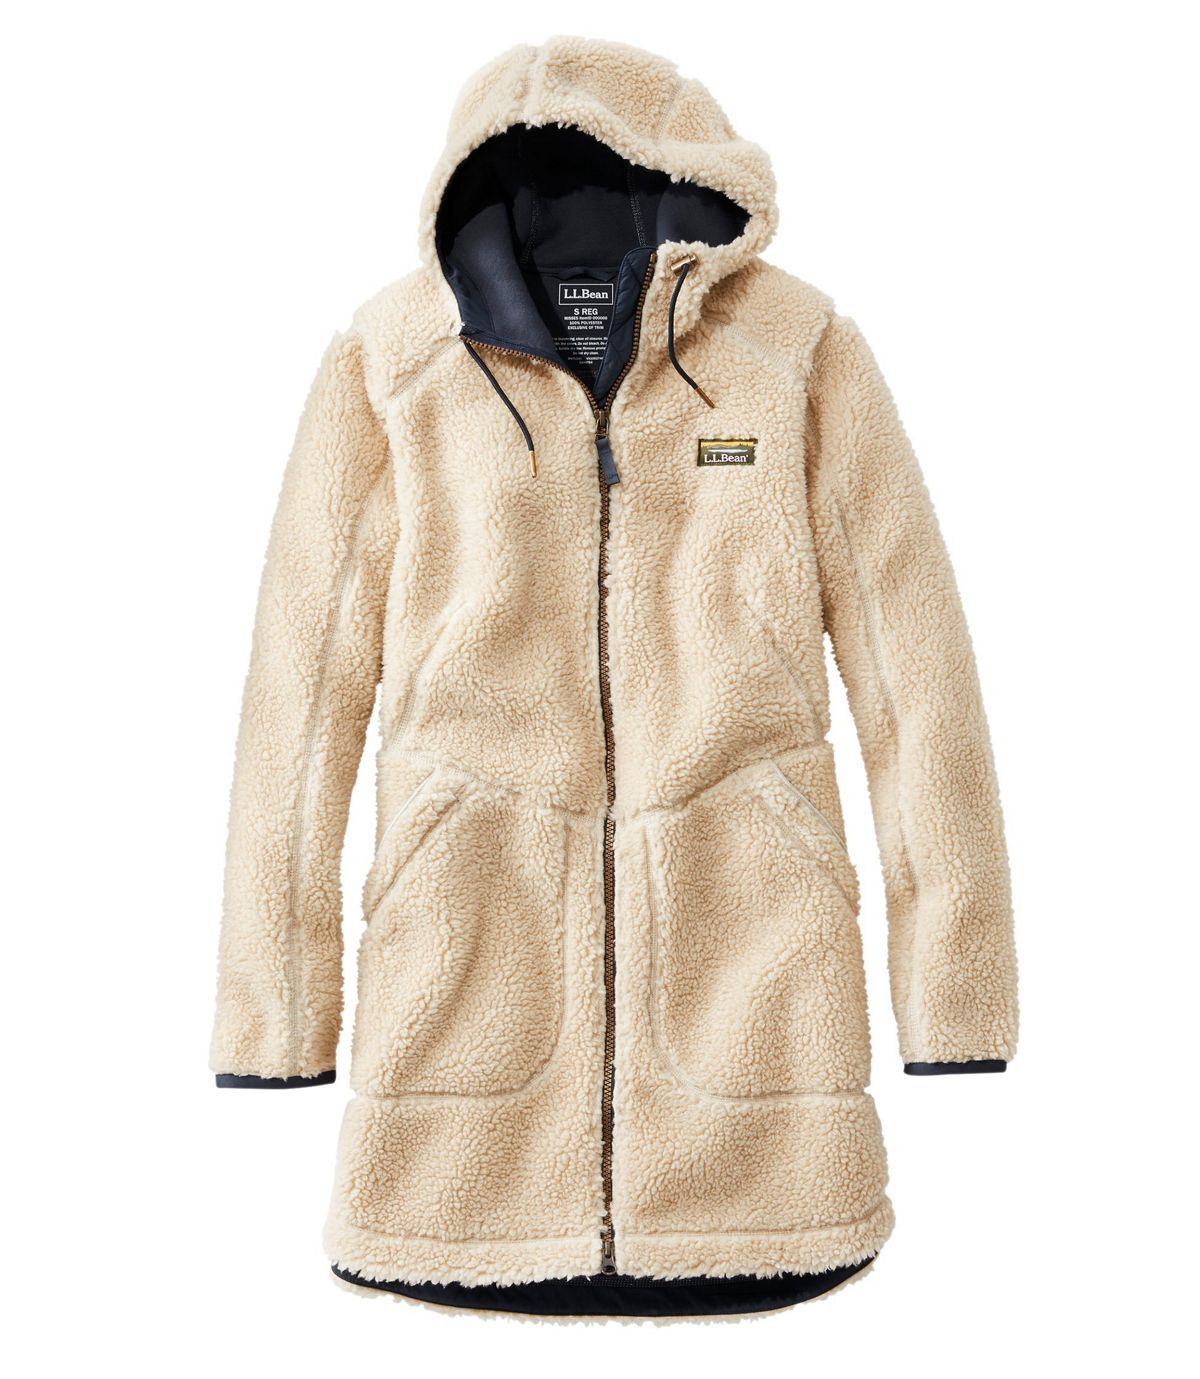 Women S Mountain Pile Fleece Coat In 2021 Women Outerwear Jacket Fleece Coat Outerwear Women [ 1379 x 1200 Pixel ]